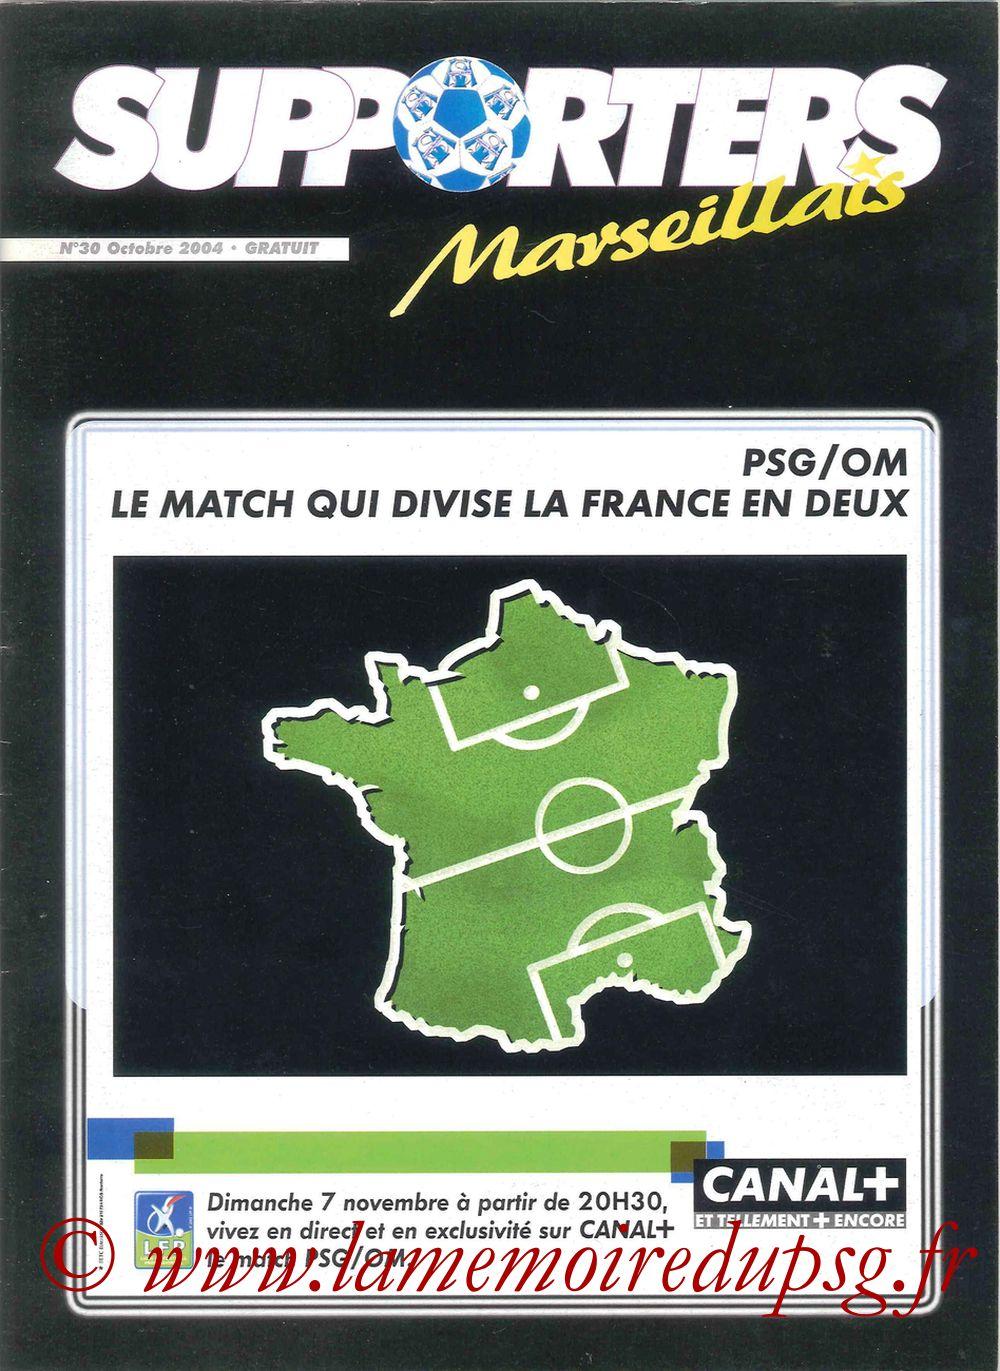 2004-11-07  PSG-Marseille (13ème L1, Supporters Marseillais N°30)